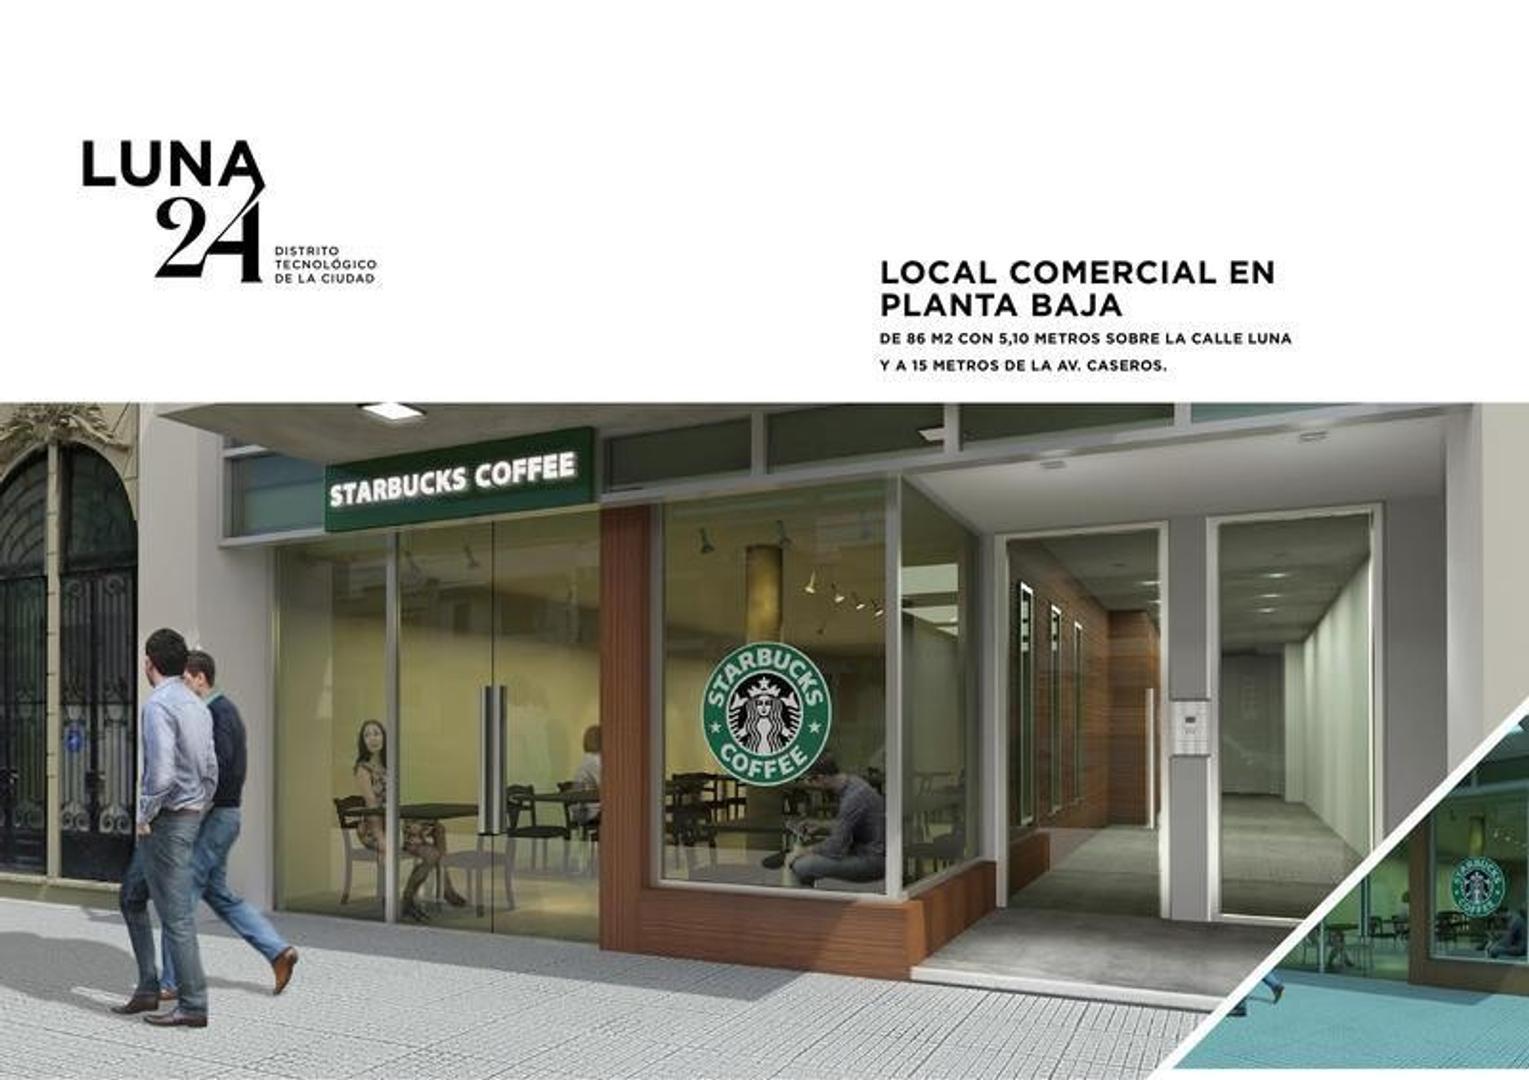 Local, PB en edificio de oficinas, en venta de 86 m2 cubiertos